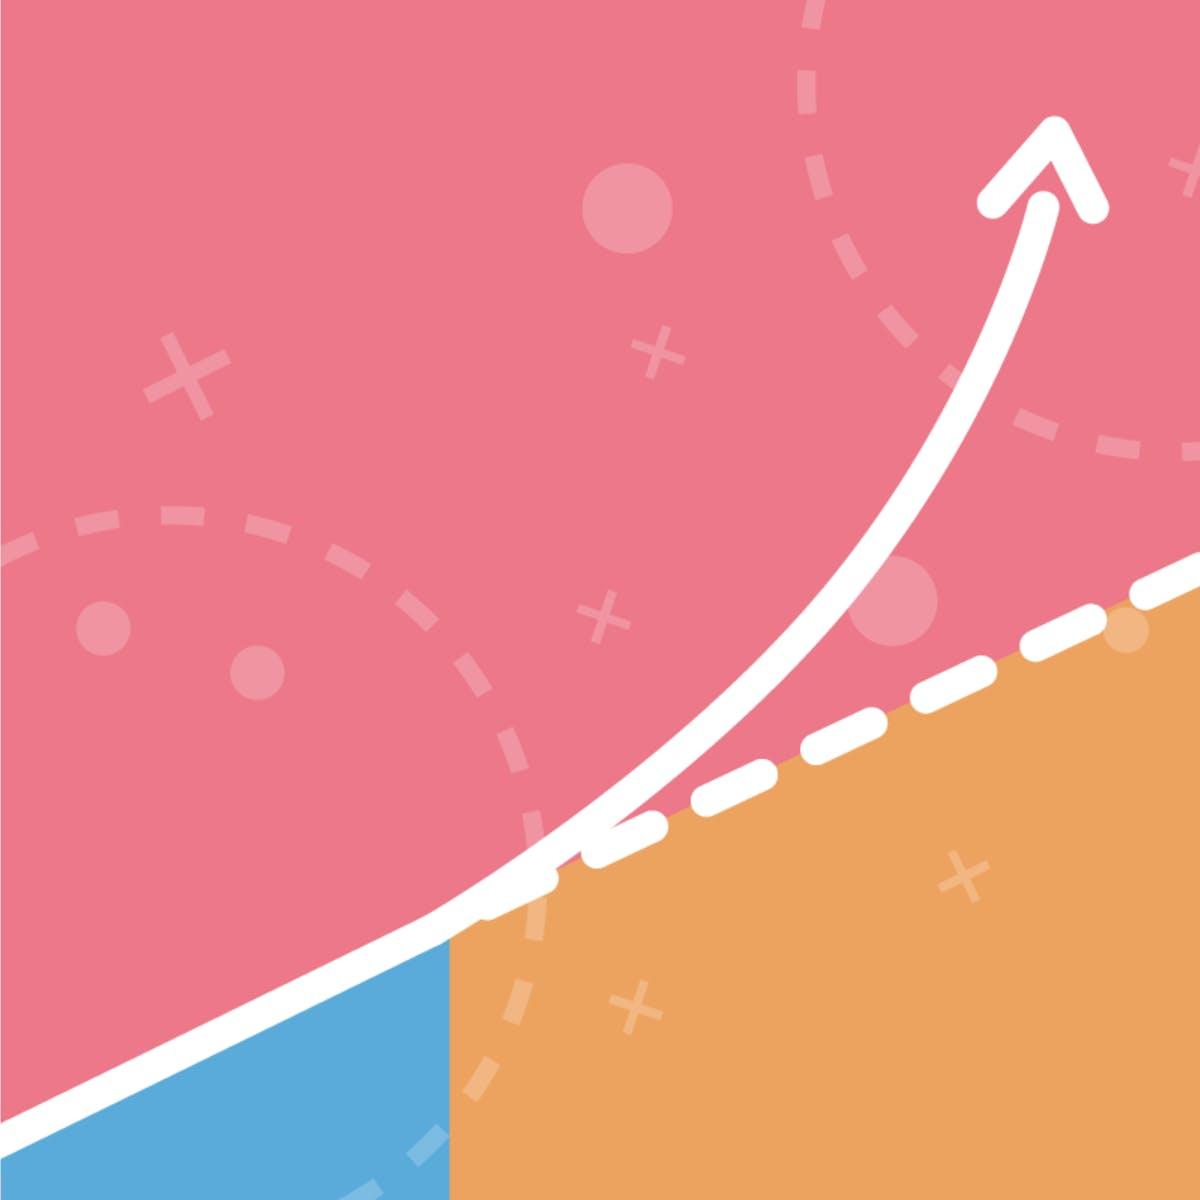 Inove na gestão de equipes e negócios: O crescimento da empresa